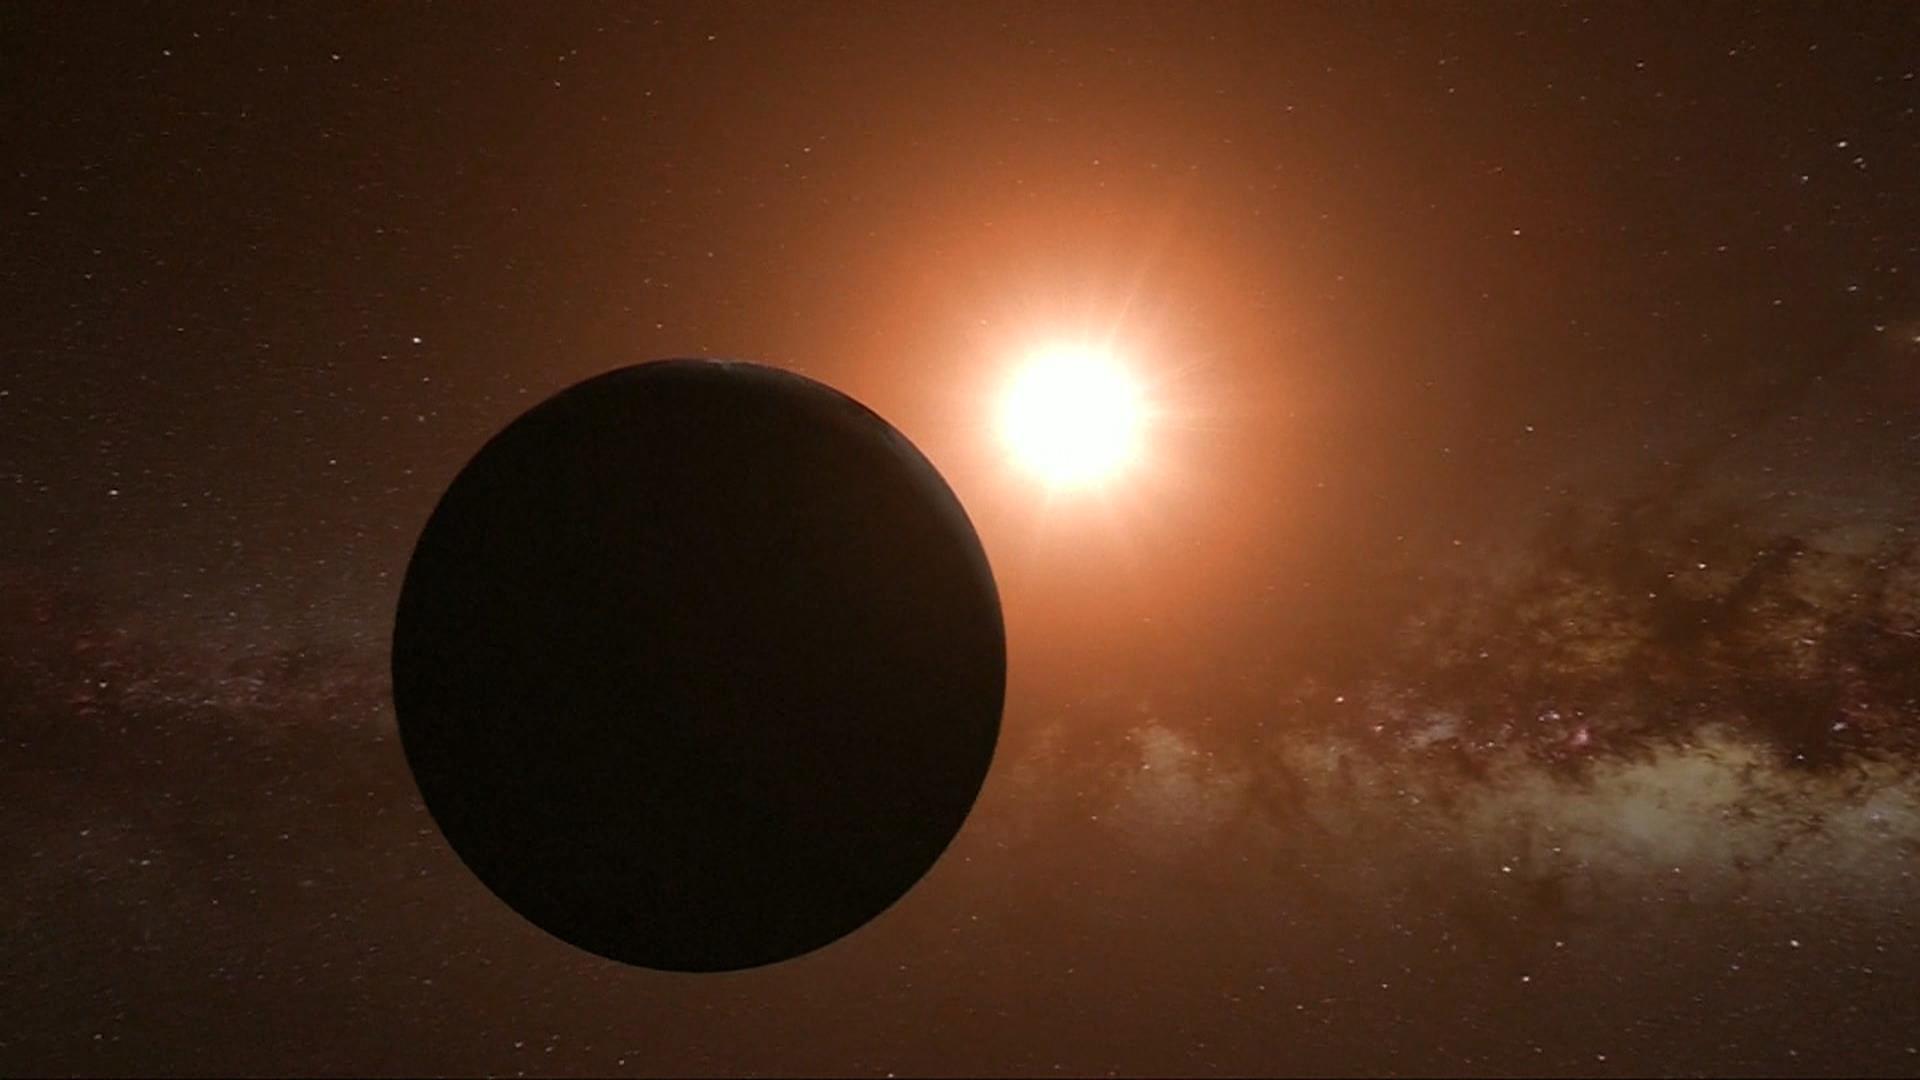 NASA's Kepler discovers 1,284 planets - CNN.com